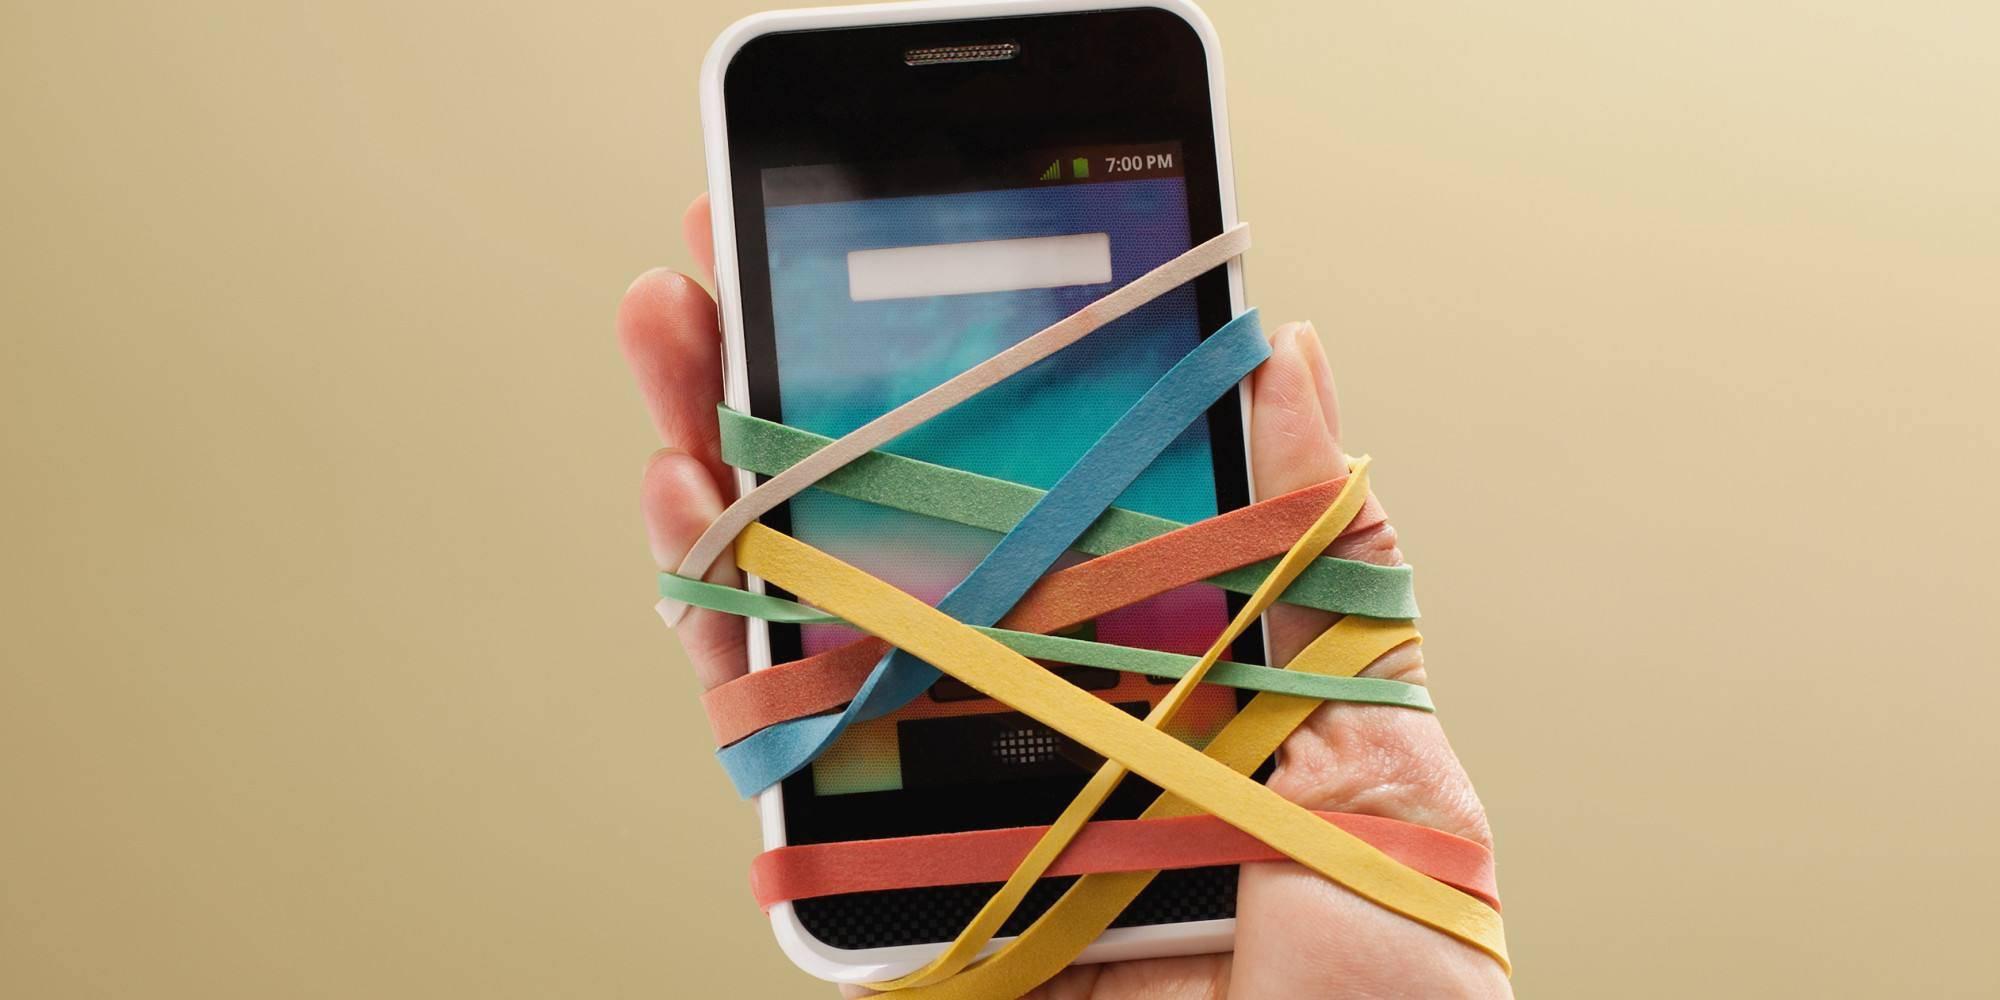 华西科普 | 专家用大数据证明:随时想耍手机,还可能是精神疾病